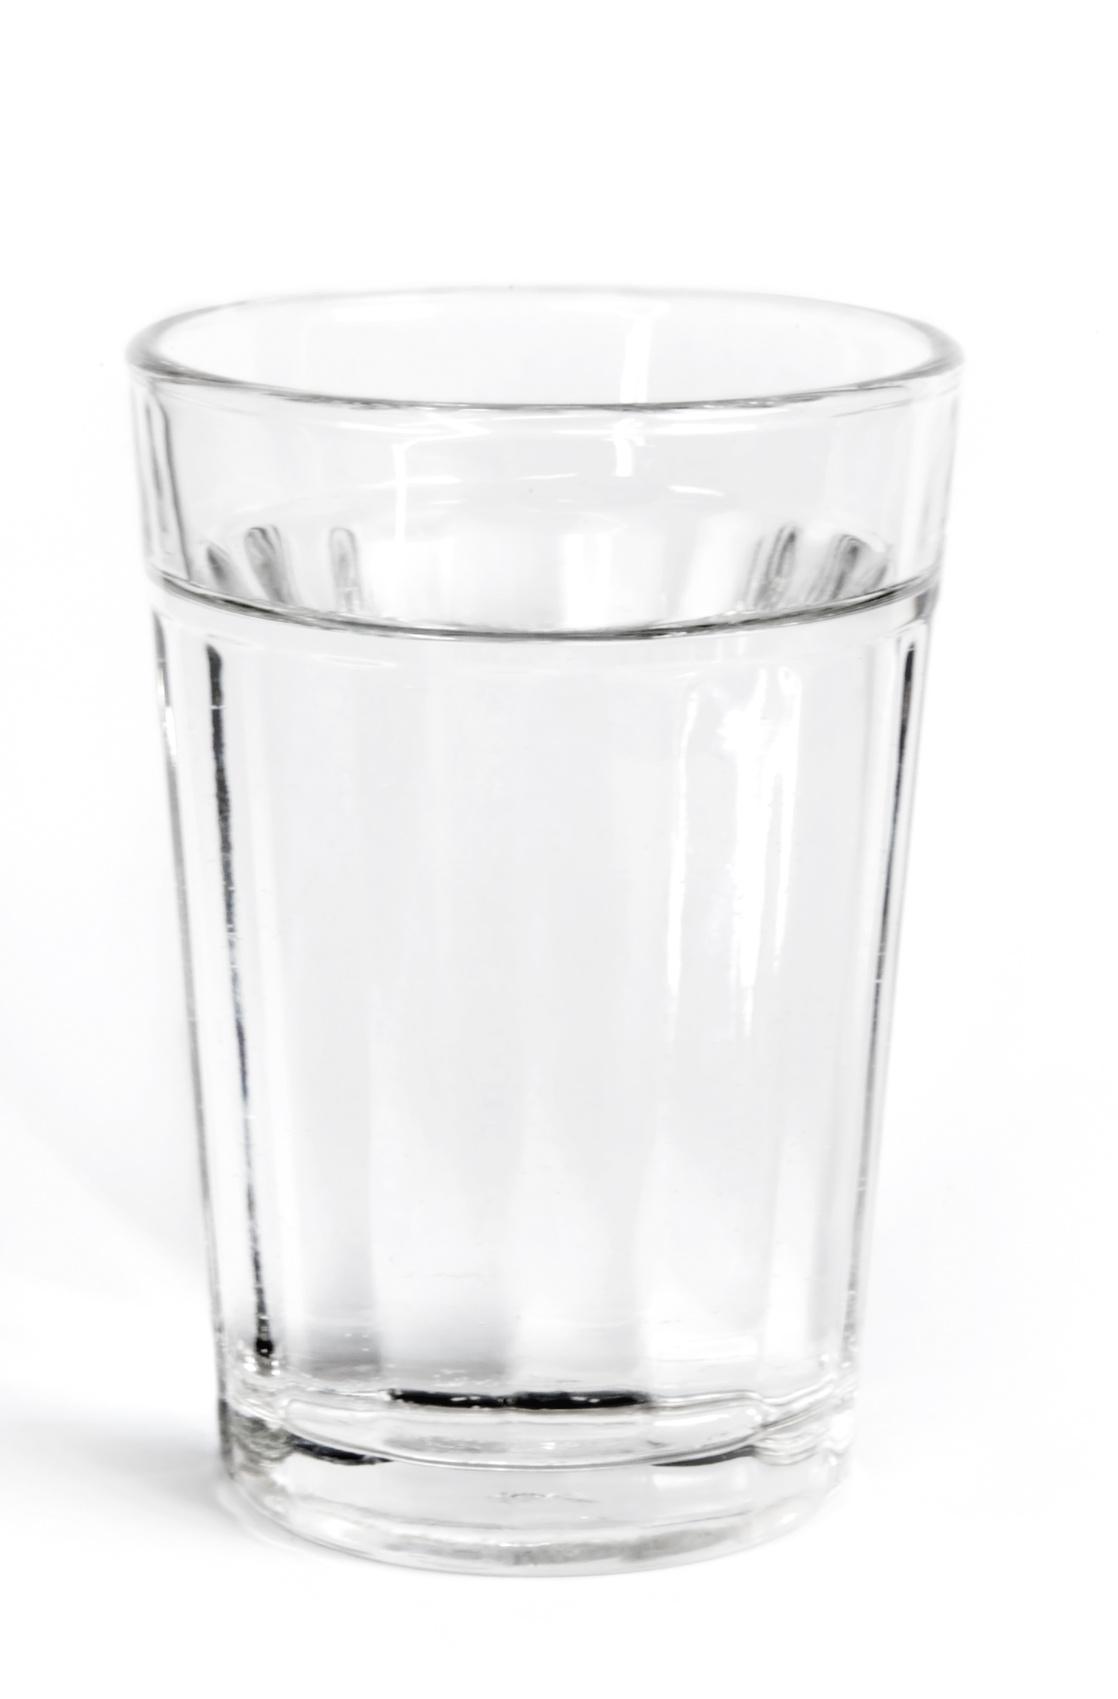 Uran 20im 20Trinkwasser in Unser Trinkwasser wird gesünder! - Neuer Grenzwert für Uran im Trinkwasser